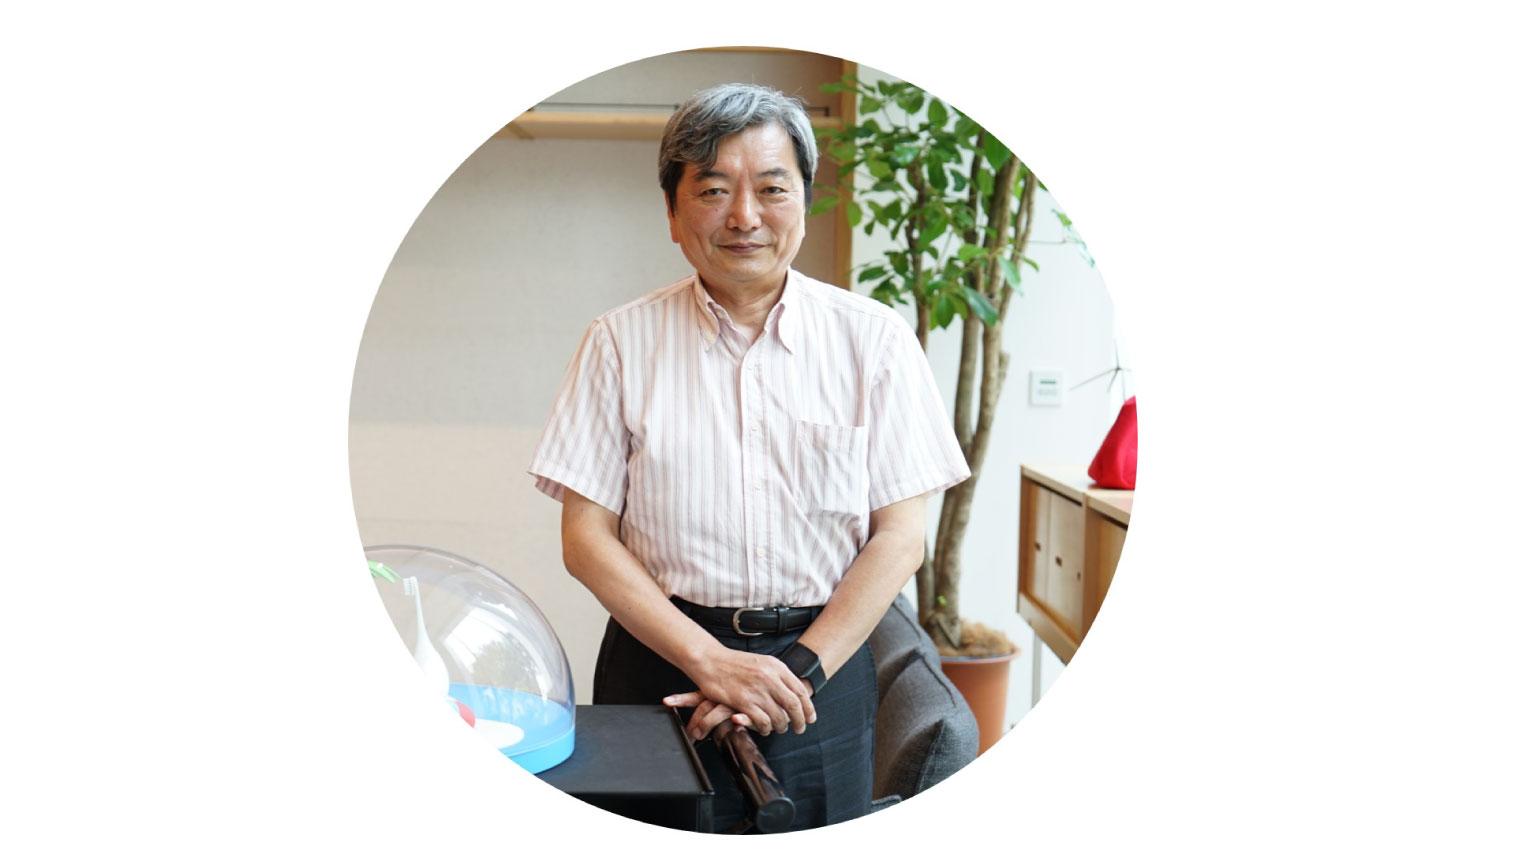 京セラ株式会社 研究開発本部 メディカル開発センター所長 吉田真さん